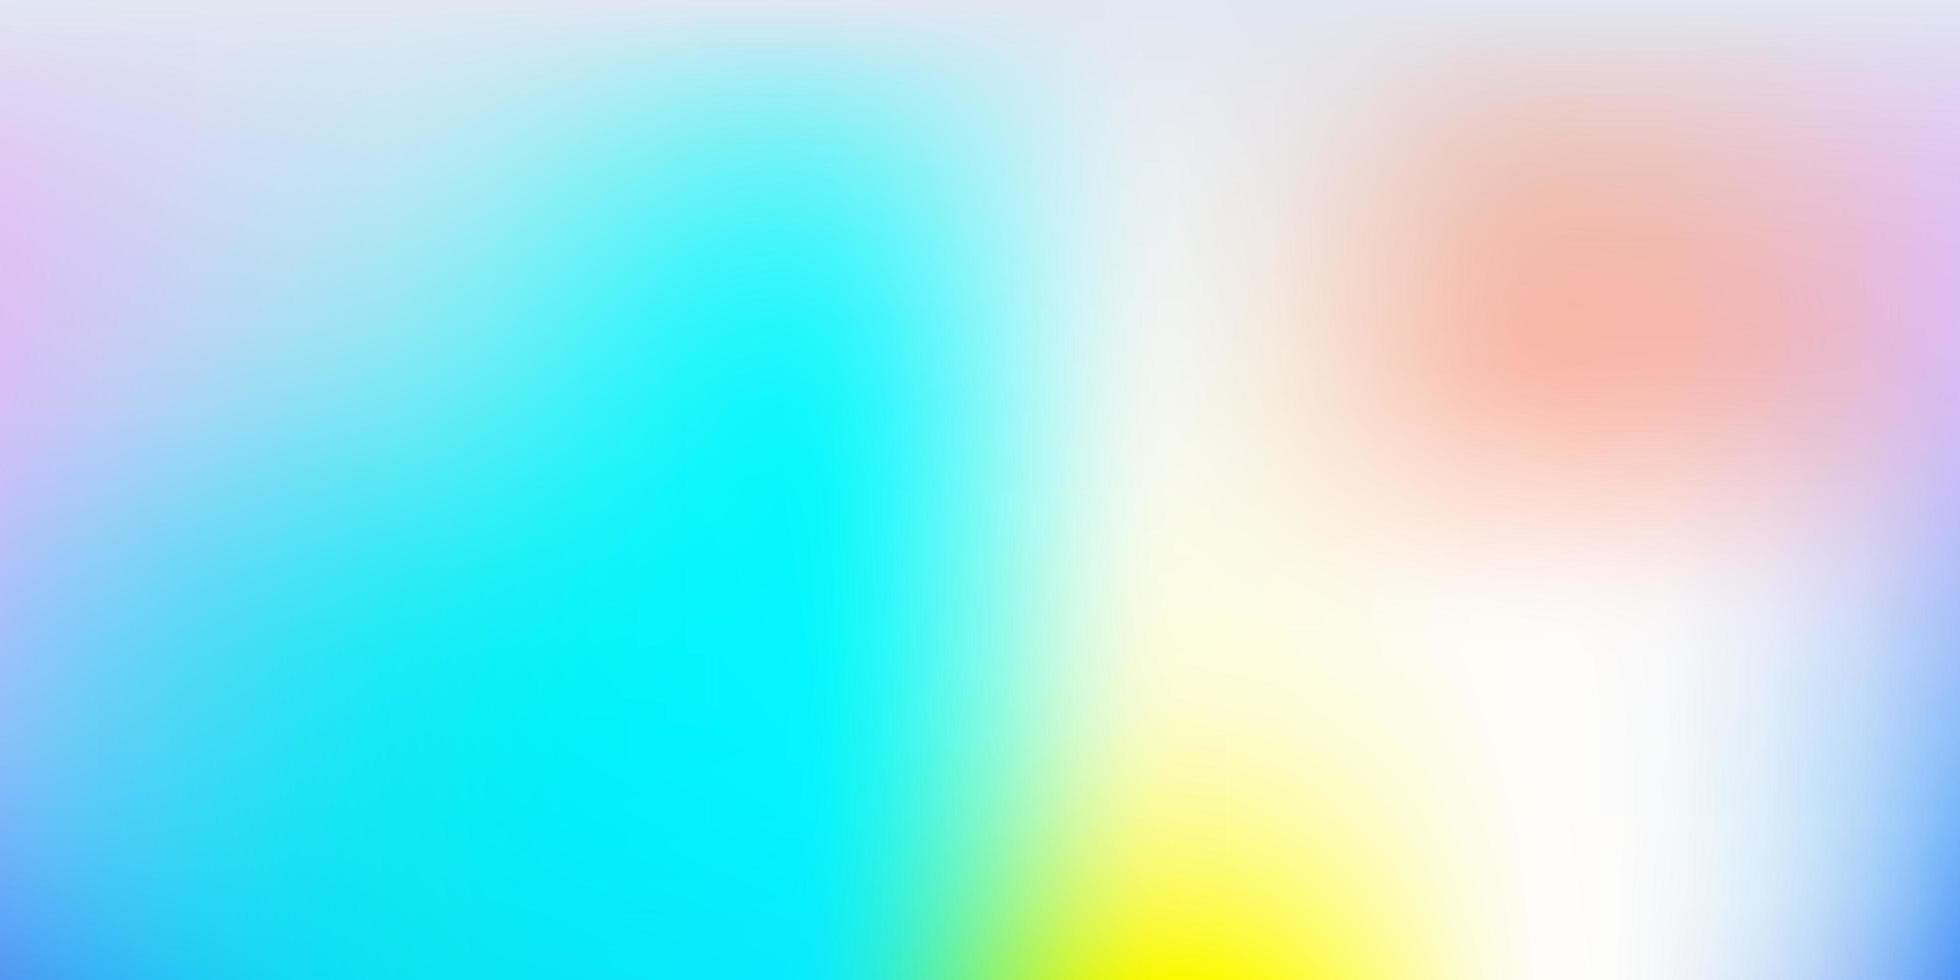 modelo desfocado azul claro e amarelo. vetor